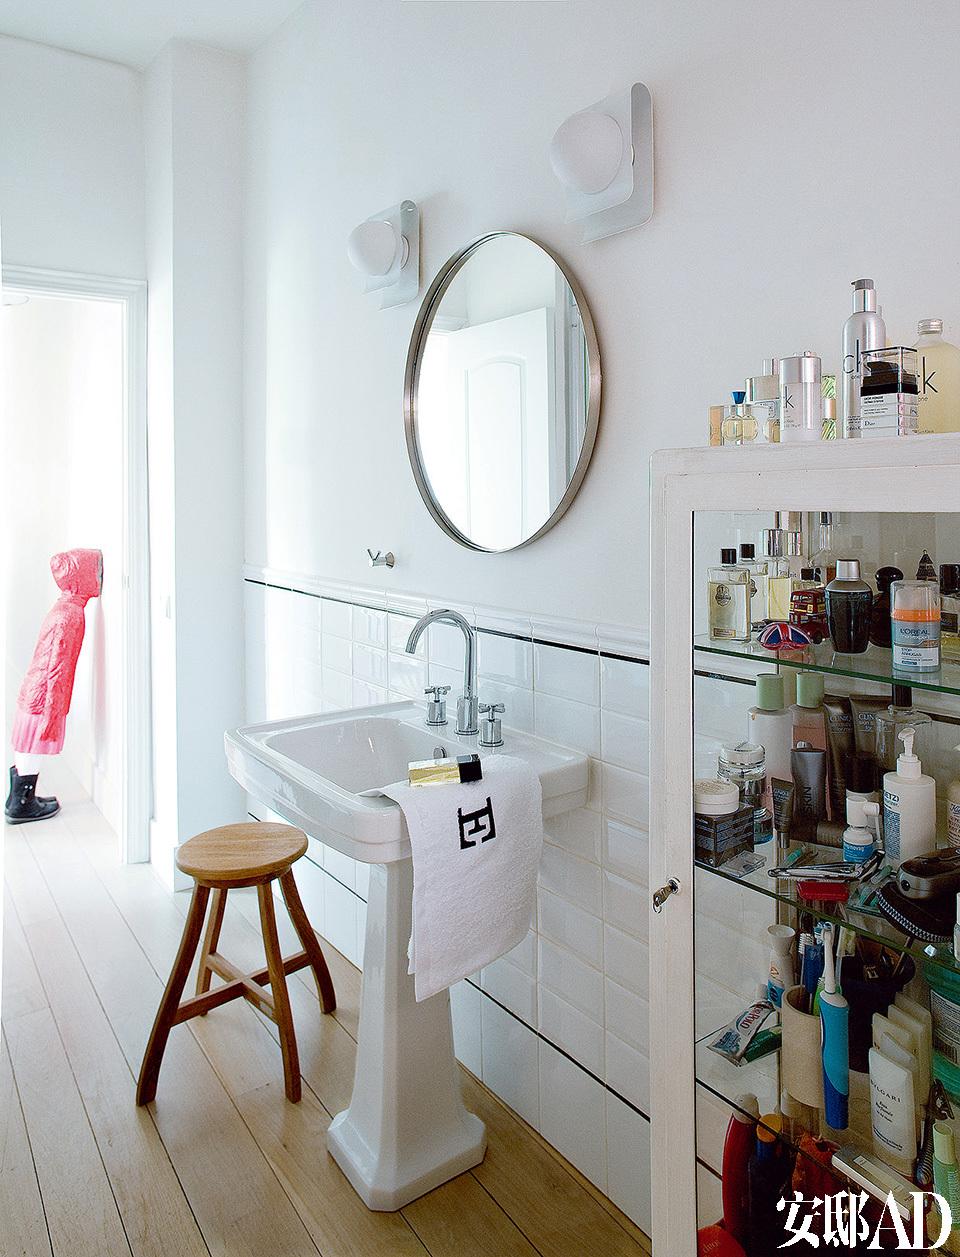 浴室中配置了Valadares的洗脸池、宜家家居的镜子、Tectona的凳子、20世纪70年代的壁灯以及来自Vintage 4P的医用柜。